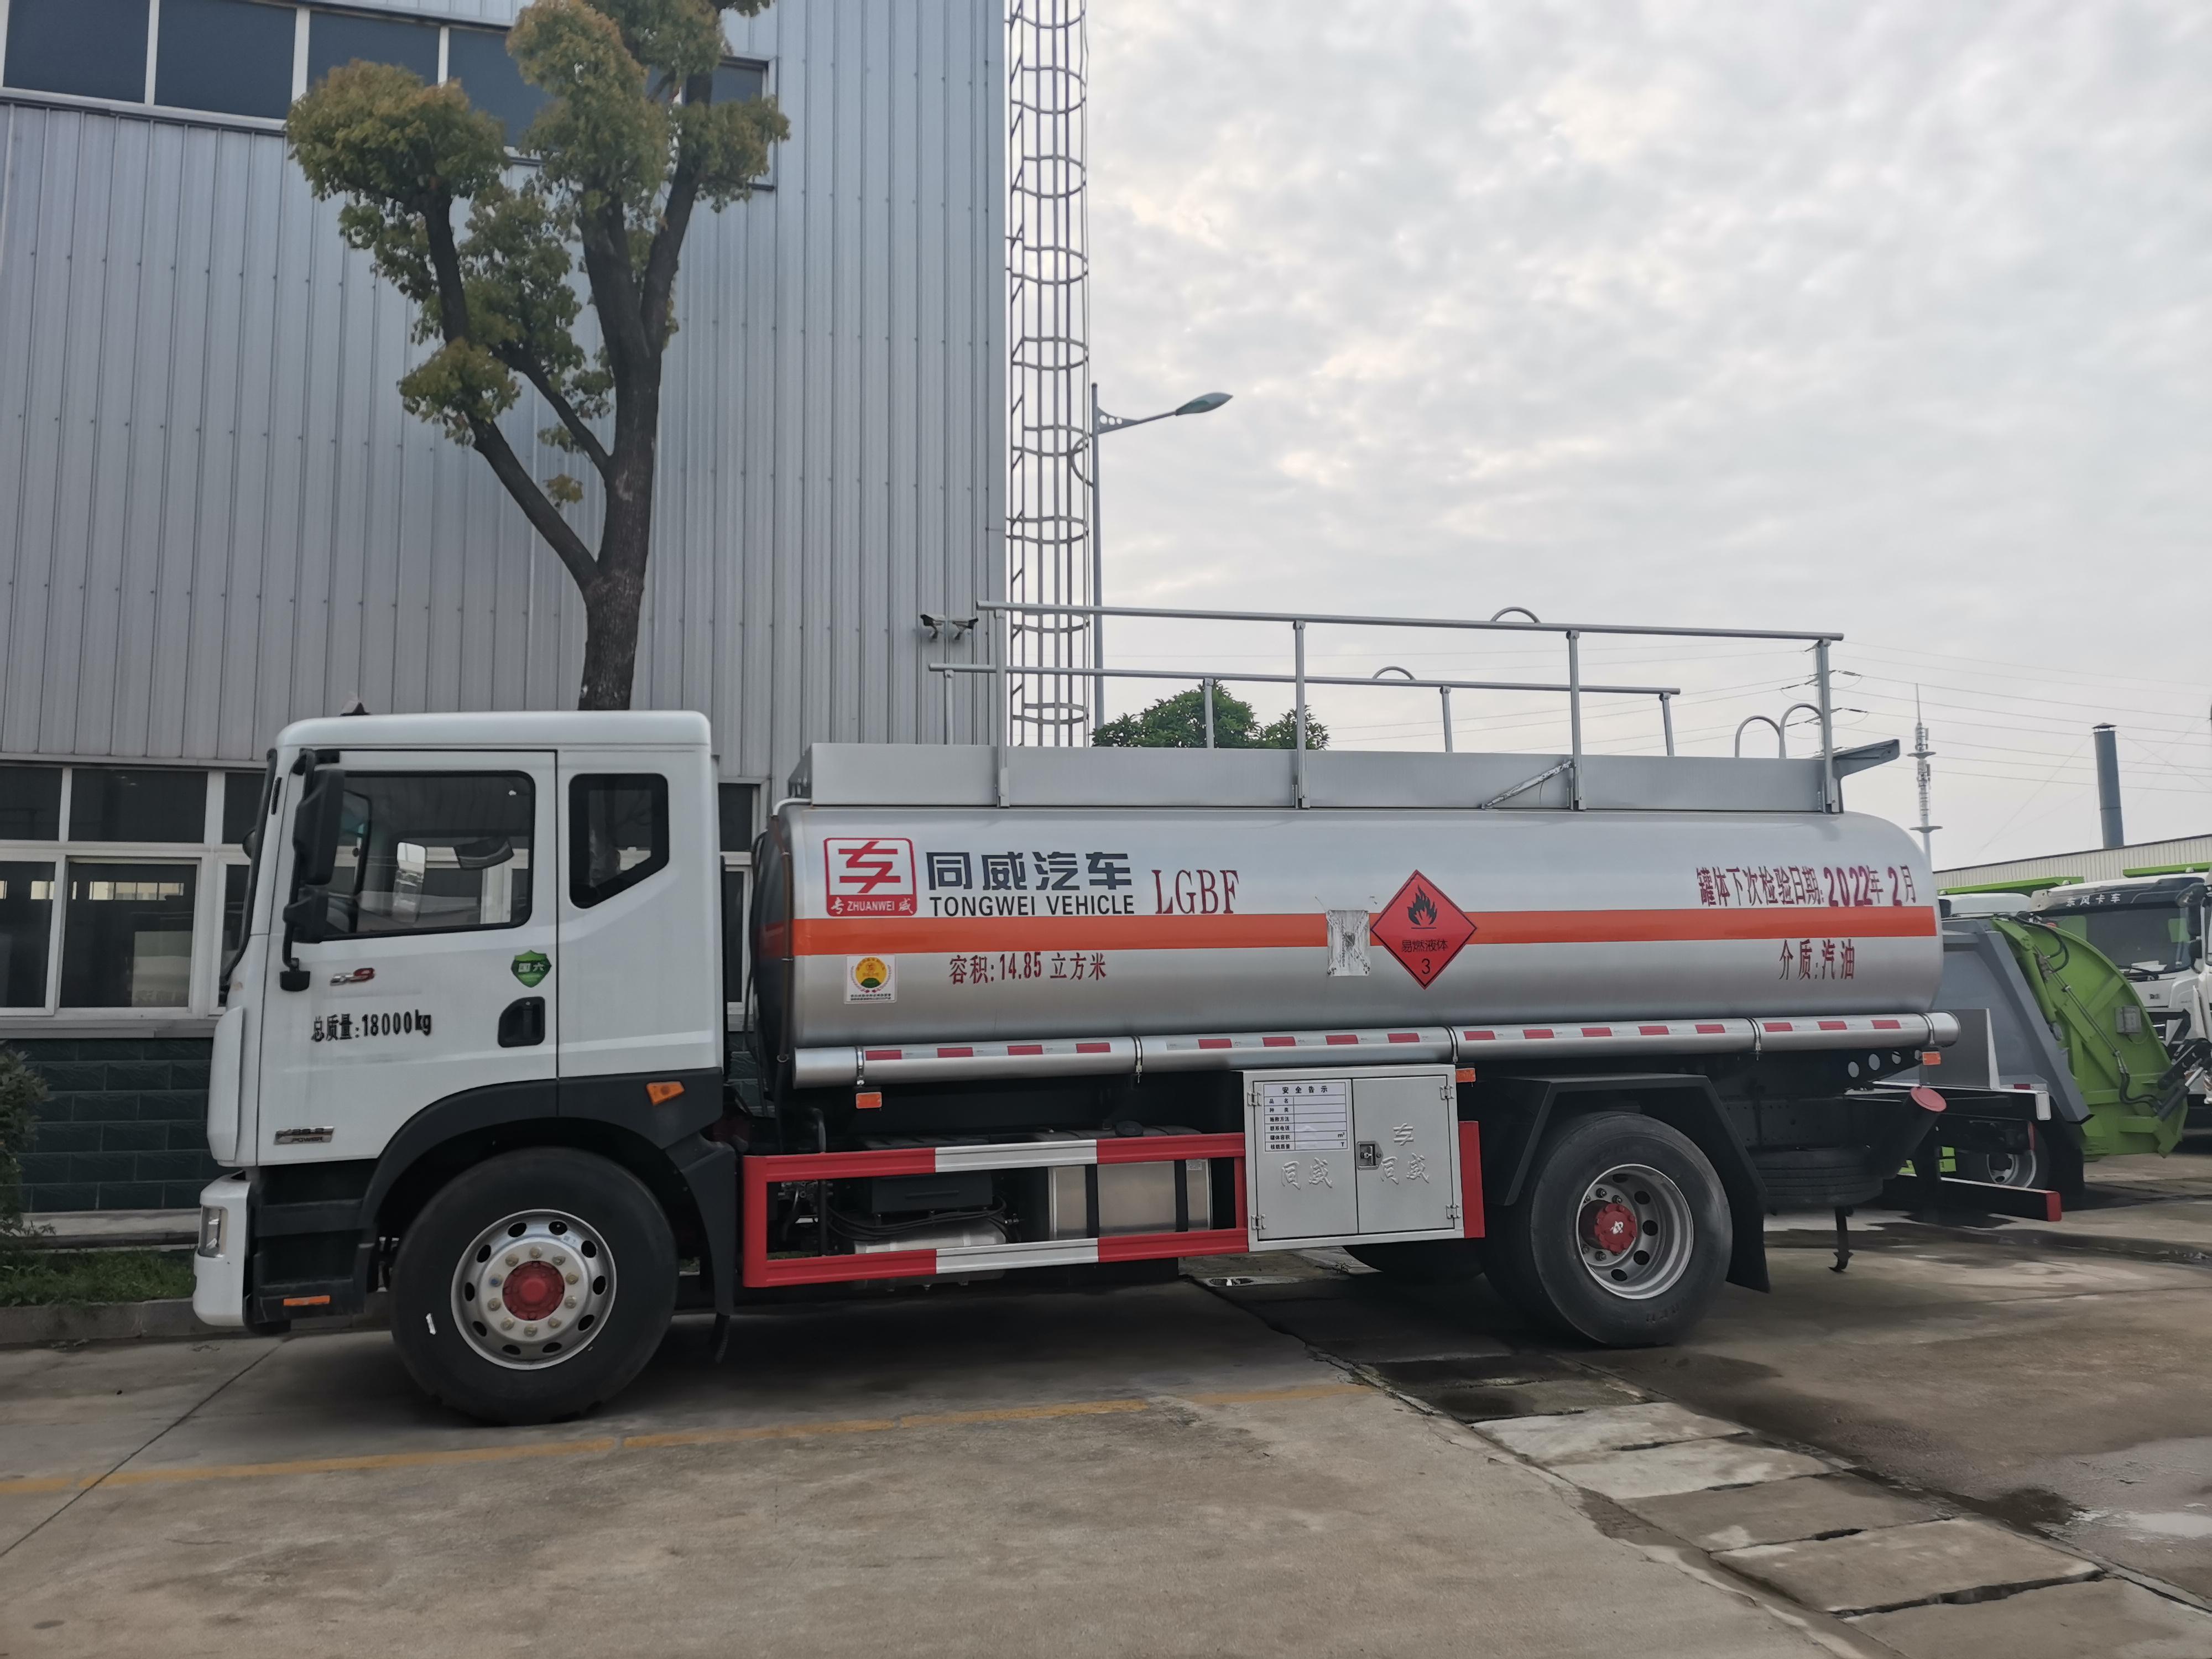 国六东风多利卡D9满载12吨油罐车 上高速10吨不超载视频